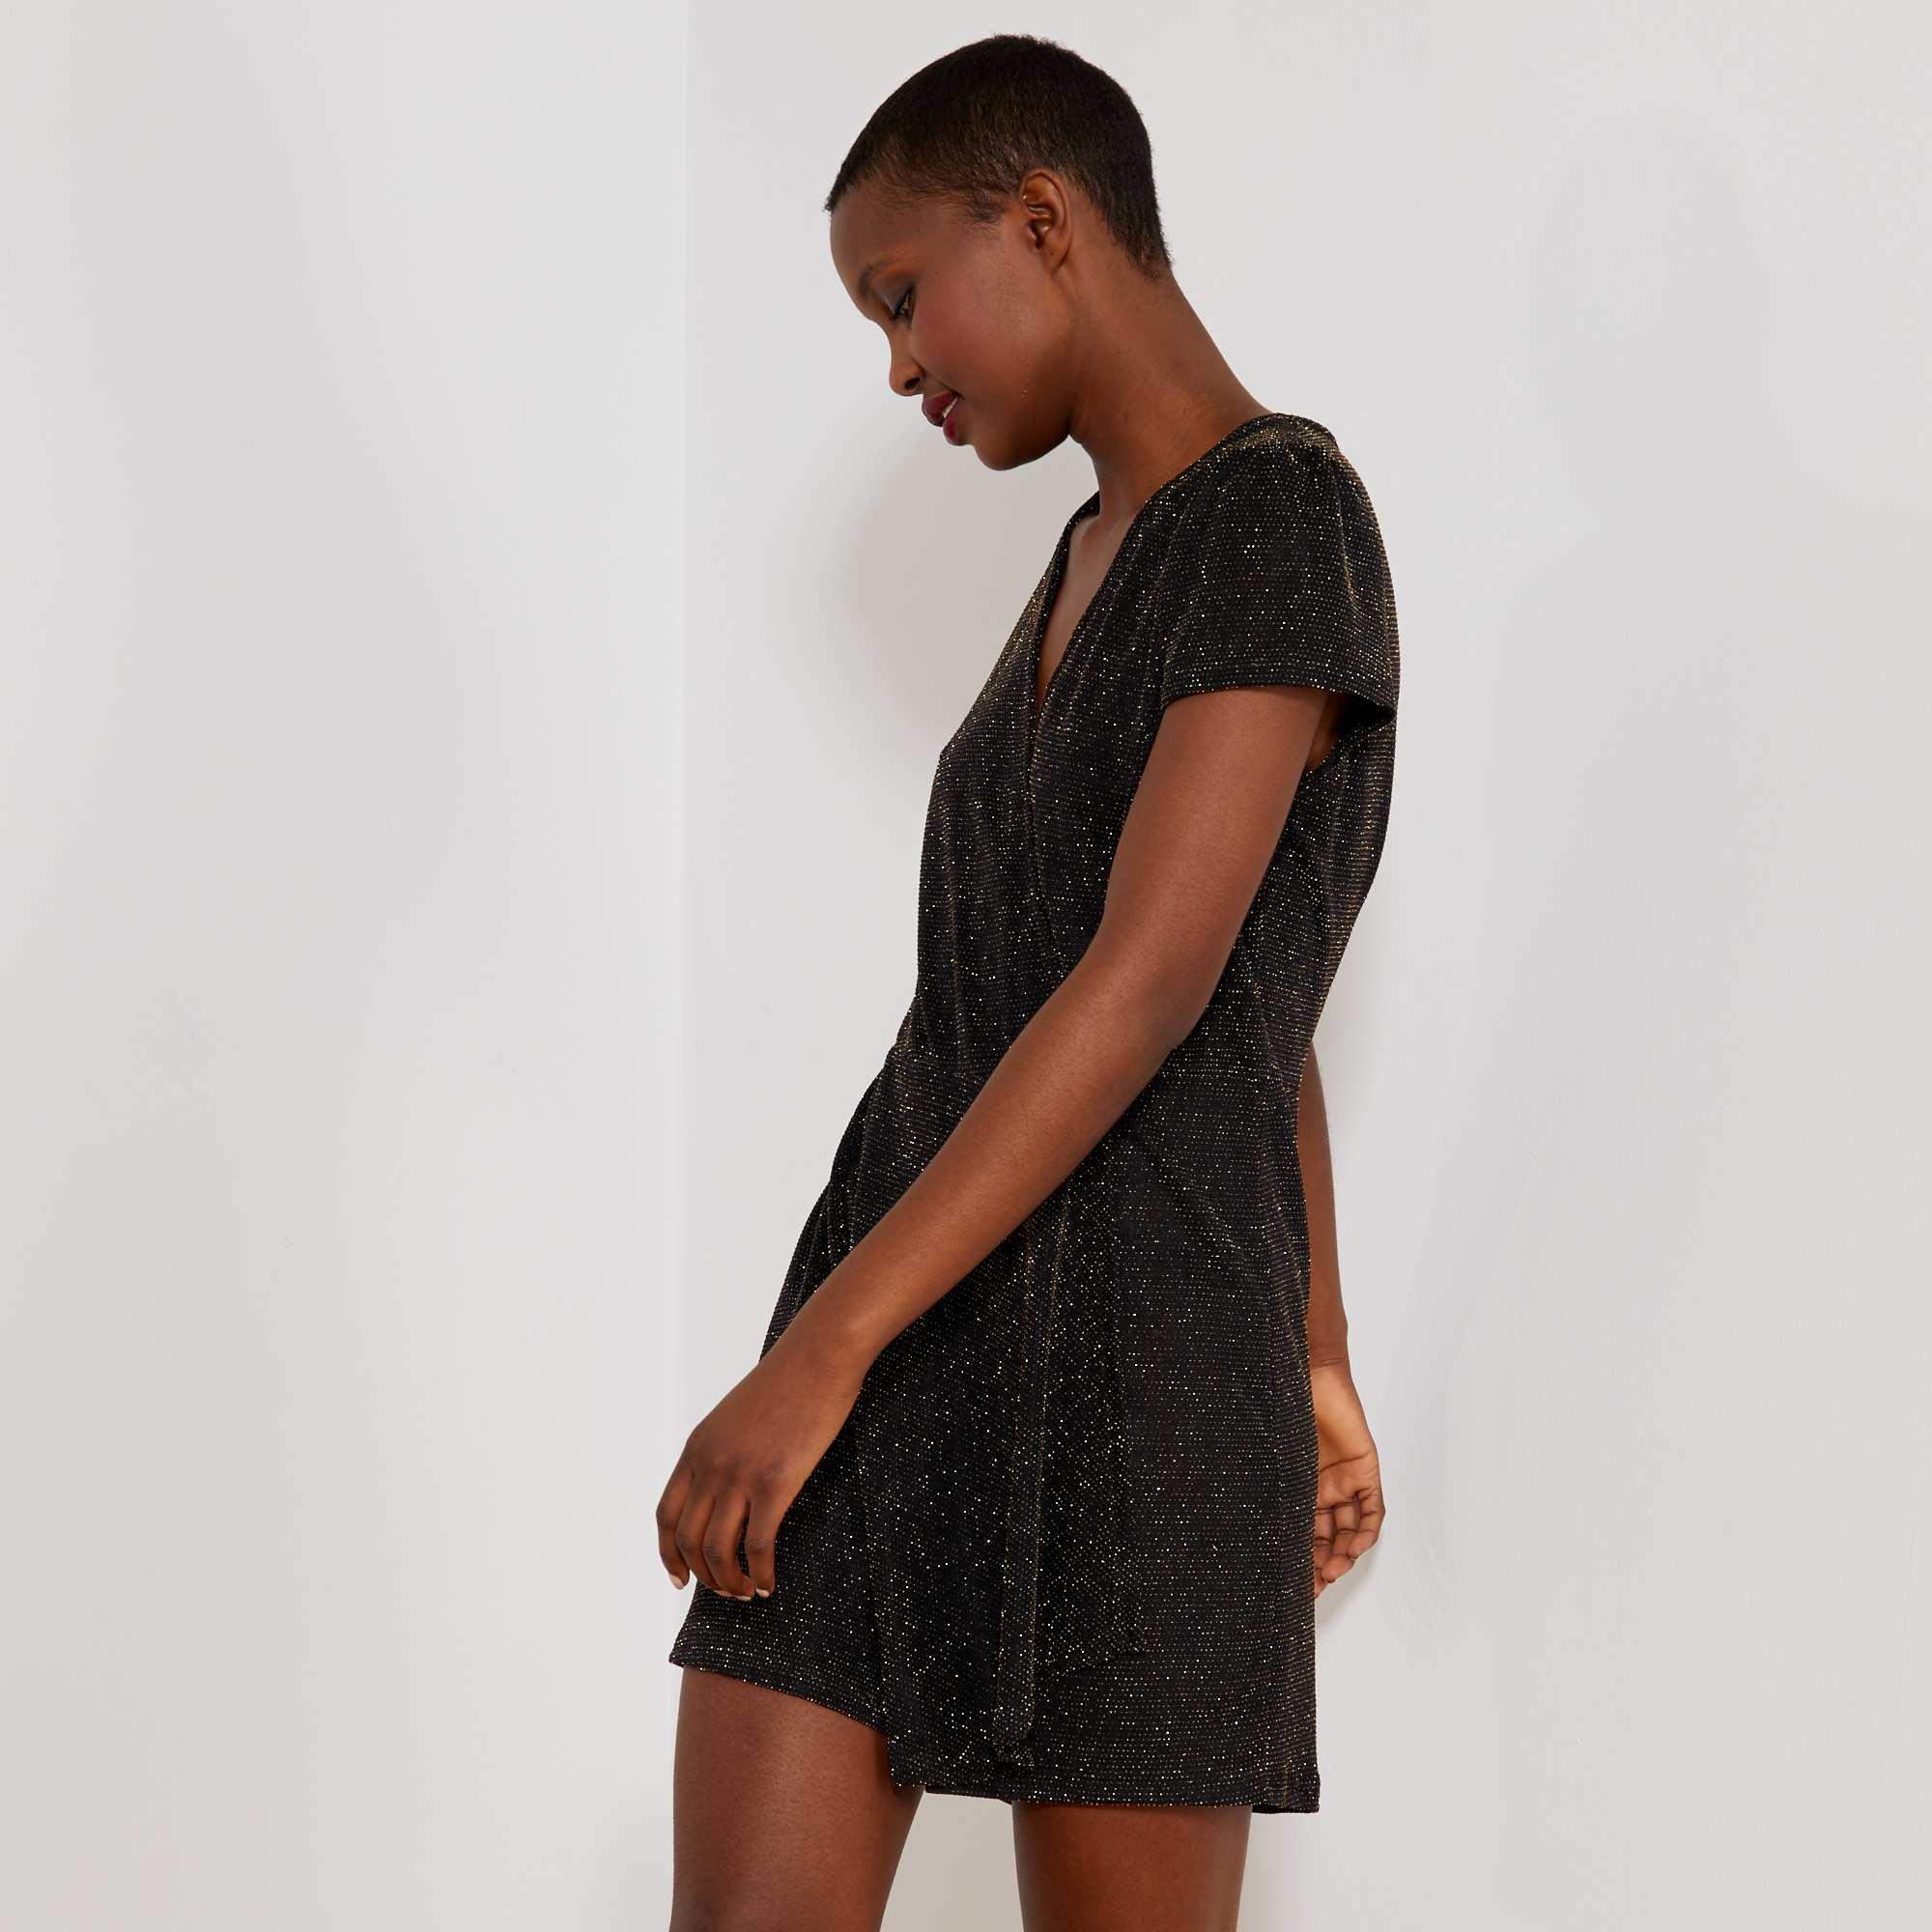 1430cfec2 Macacão-calção brilhante em malha elástica Preto/ Dourado Mulher do 34 até  48. Loading zoom